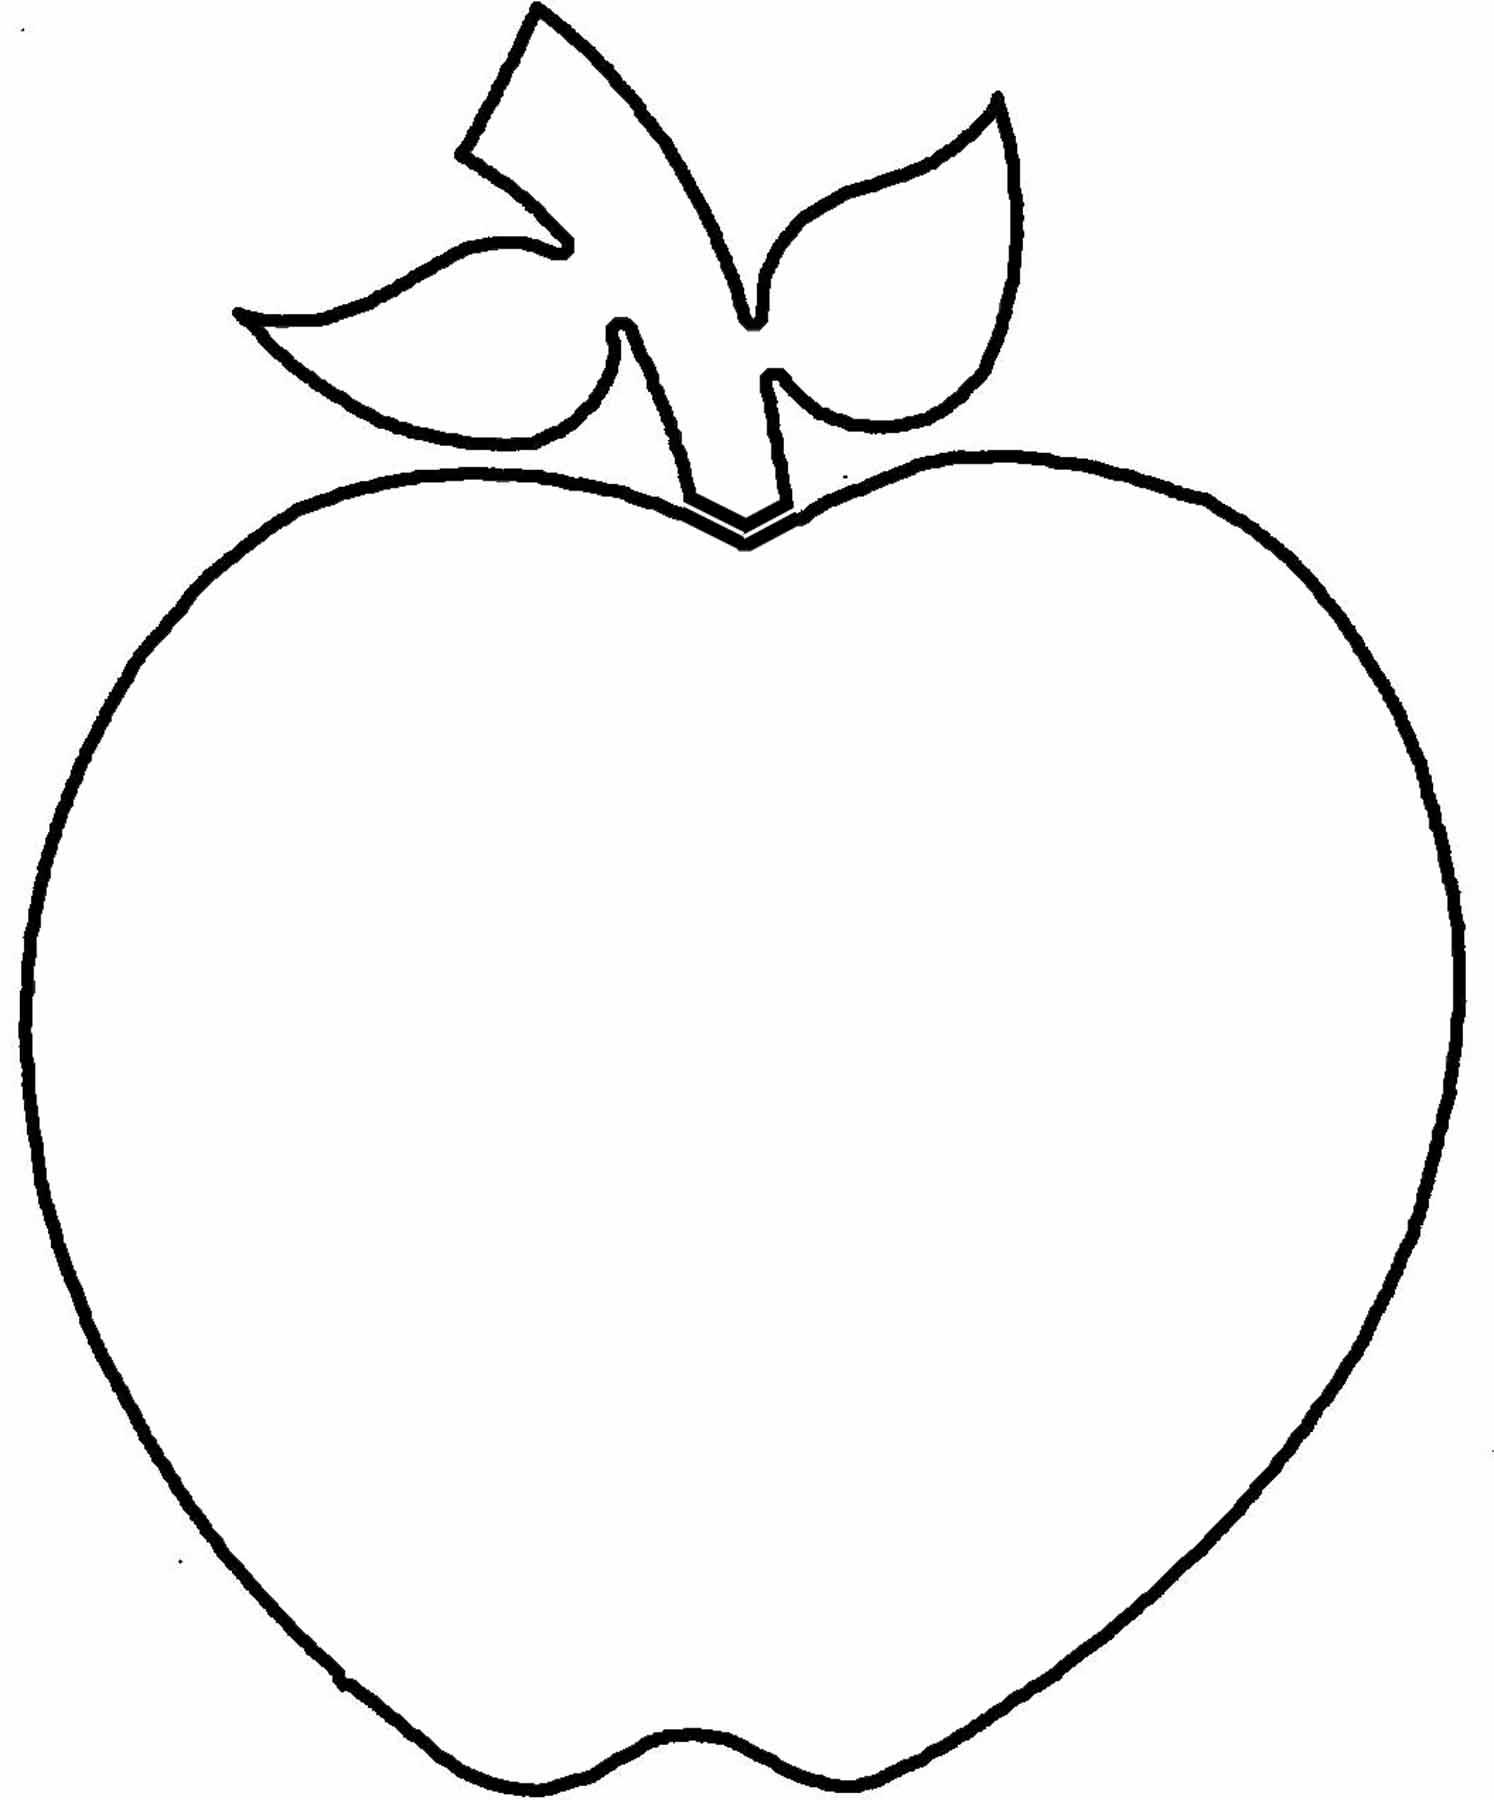 Five Apples Clip Art